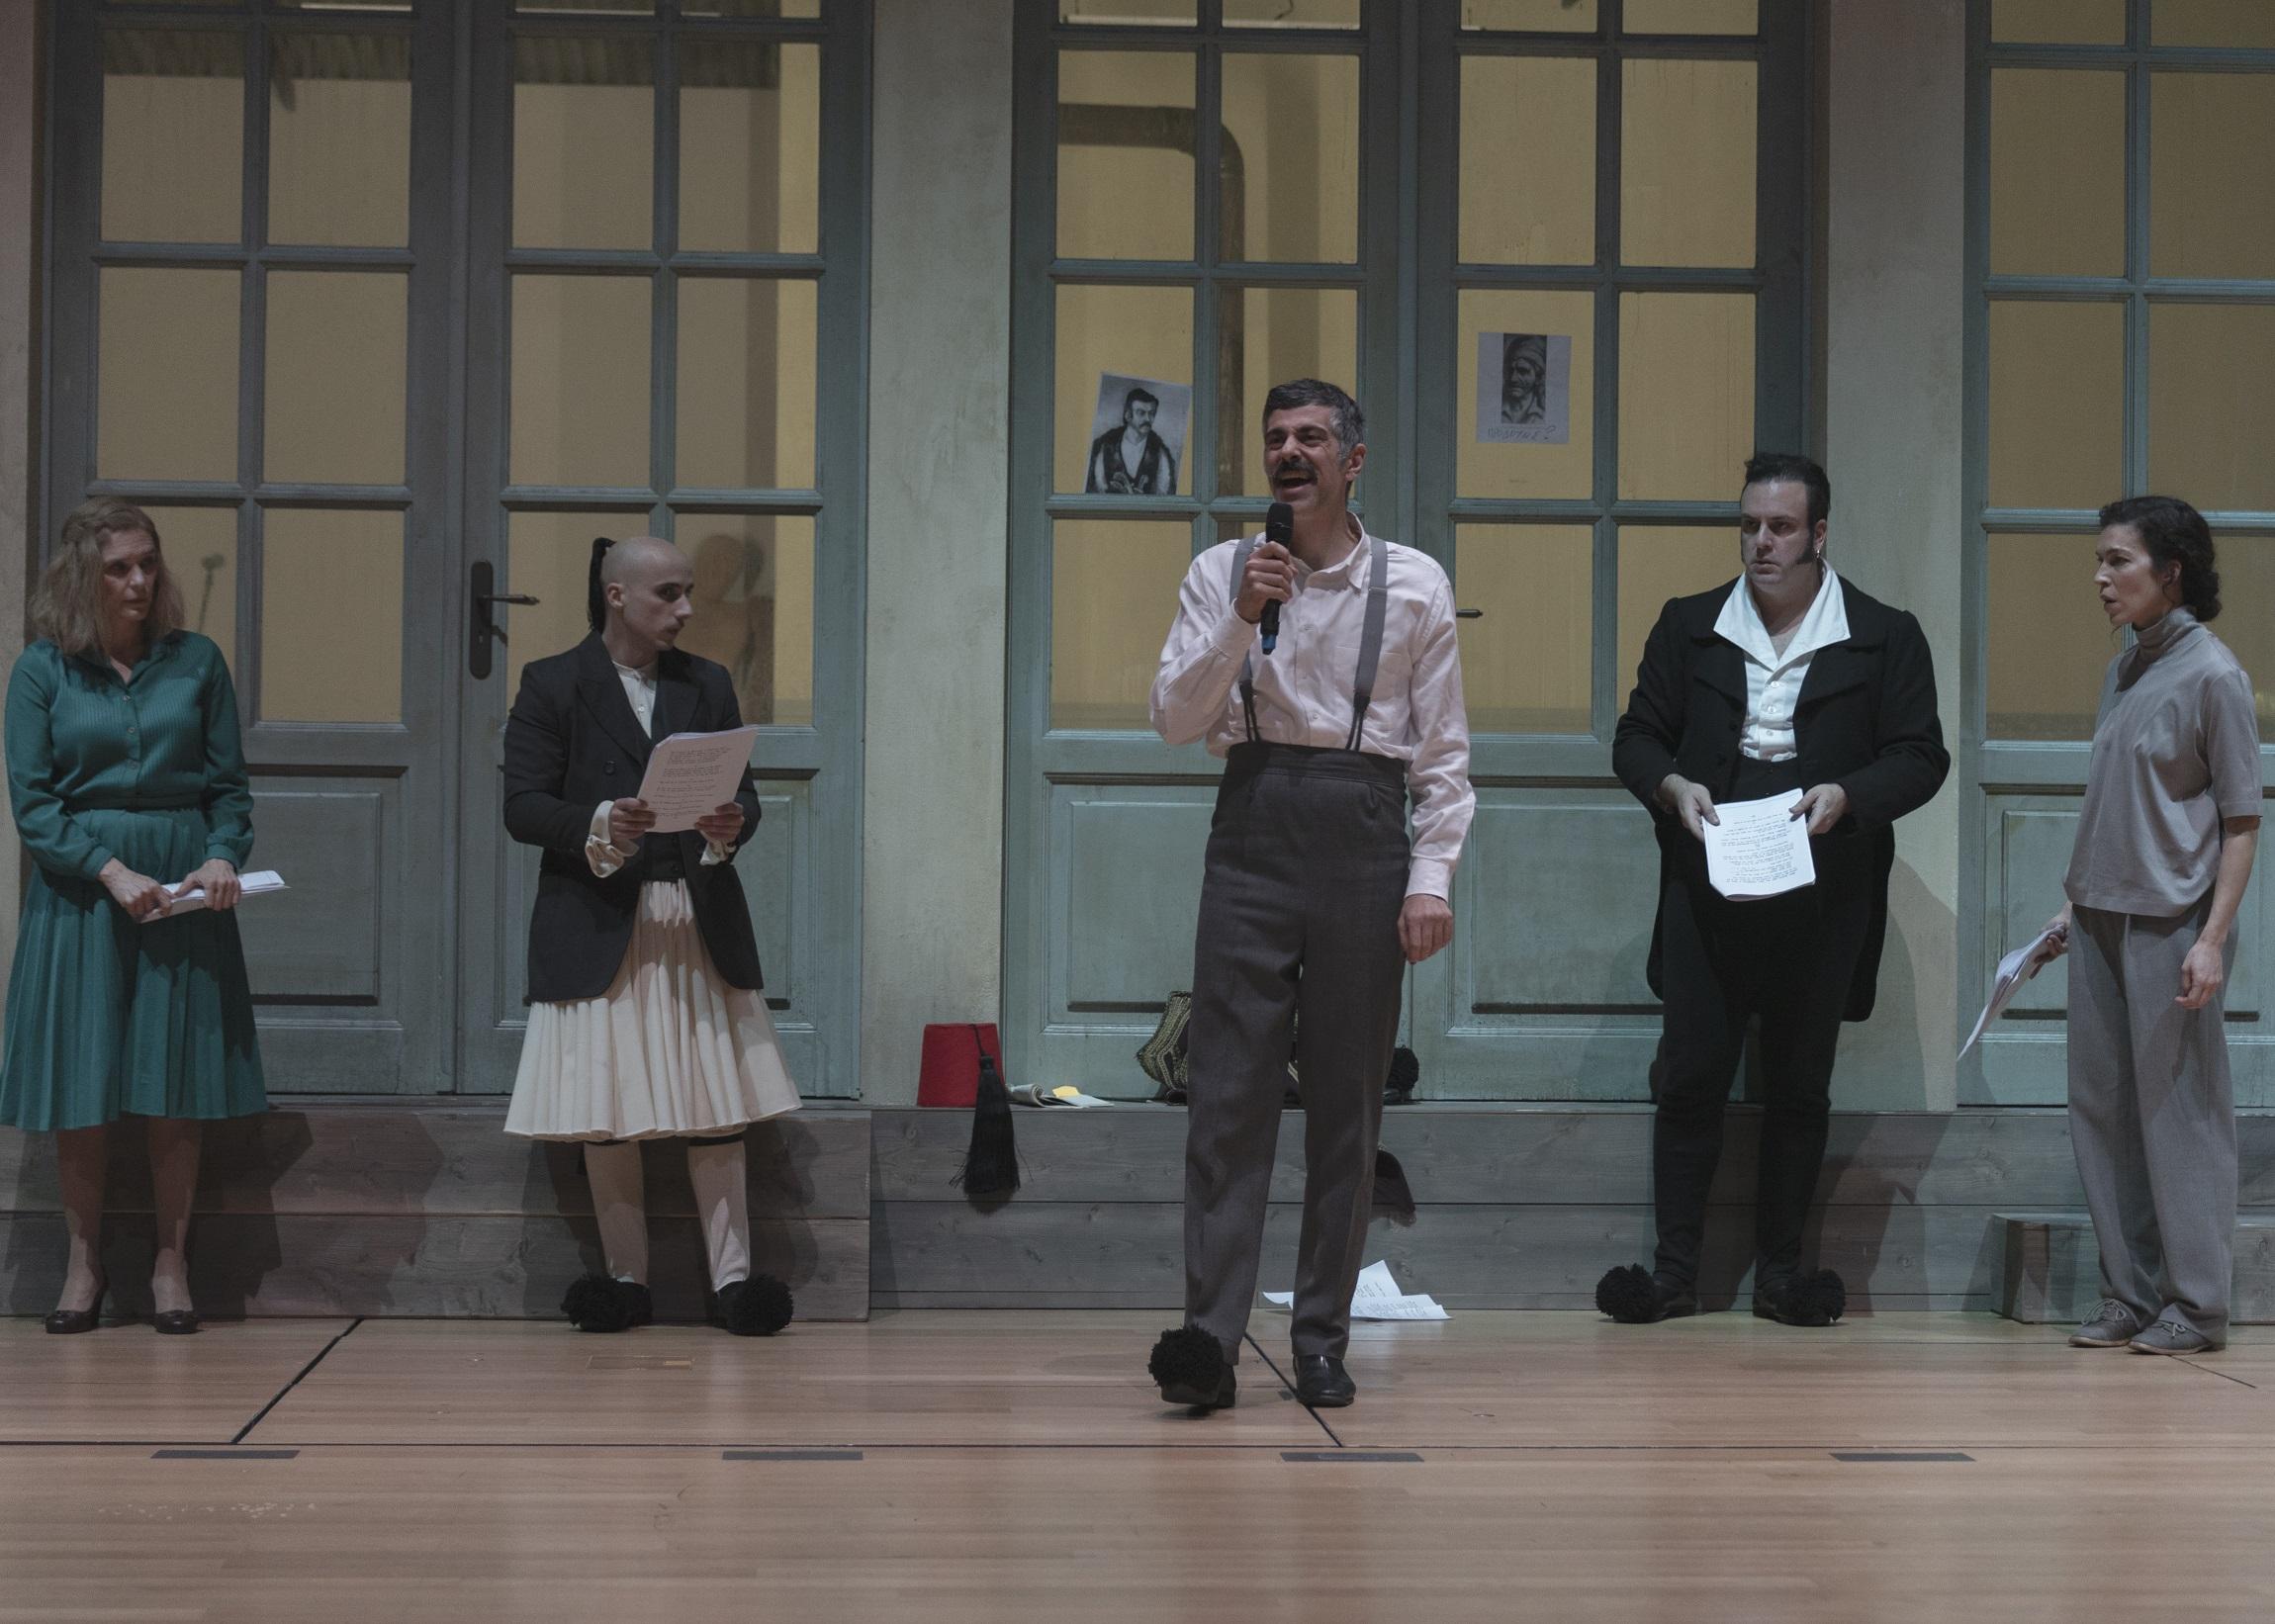 Ο Κολοκοτρώνης ατενίζει το μέλλον στο GNO TV-Photo credits: Ε. Ζαχαροπούλου